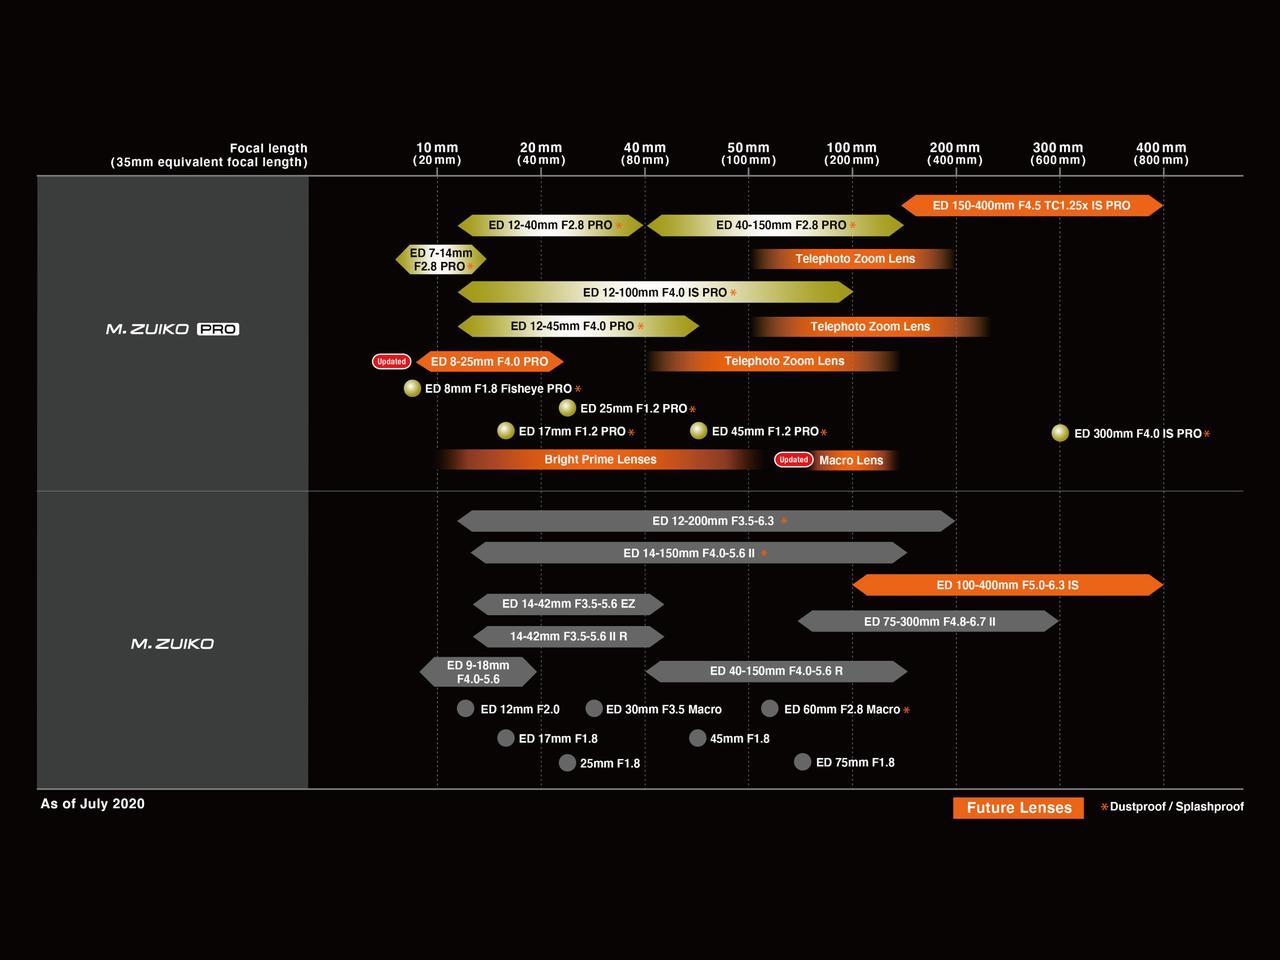 画像: オリンパス、最新レンズロードマップを公開